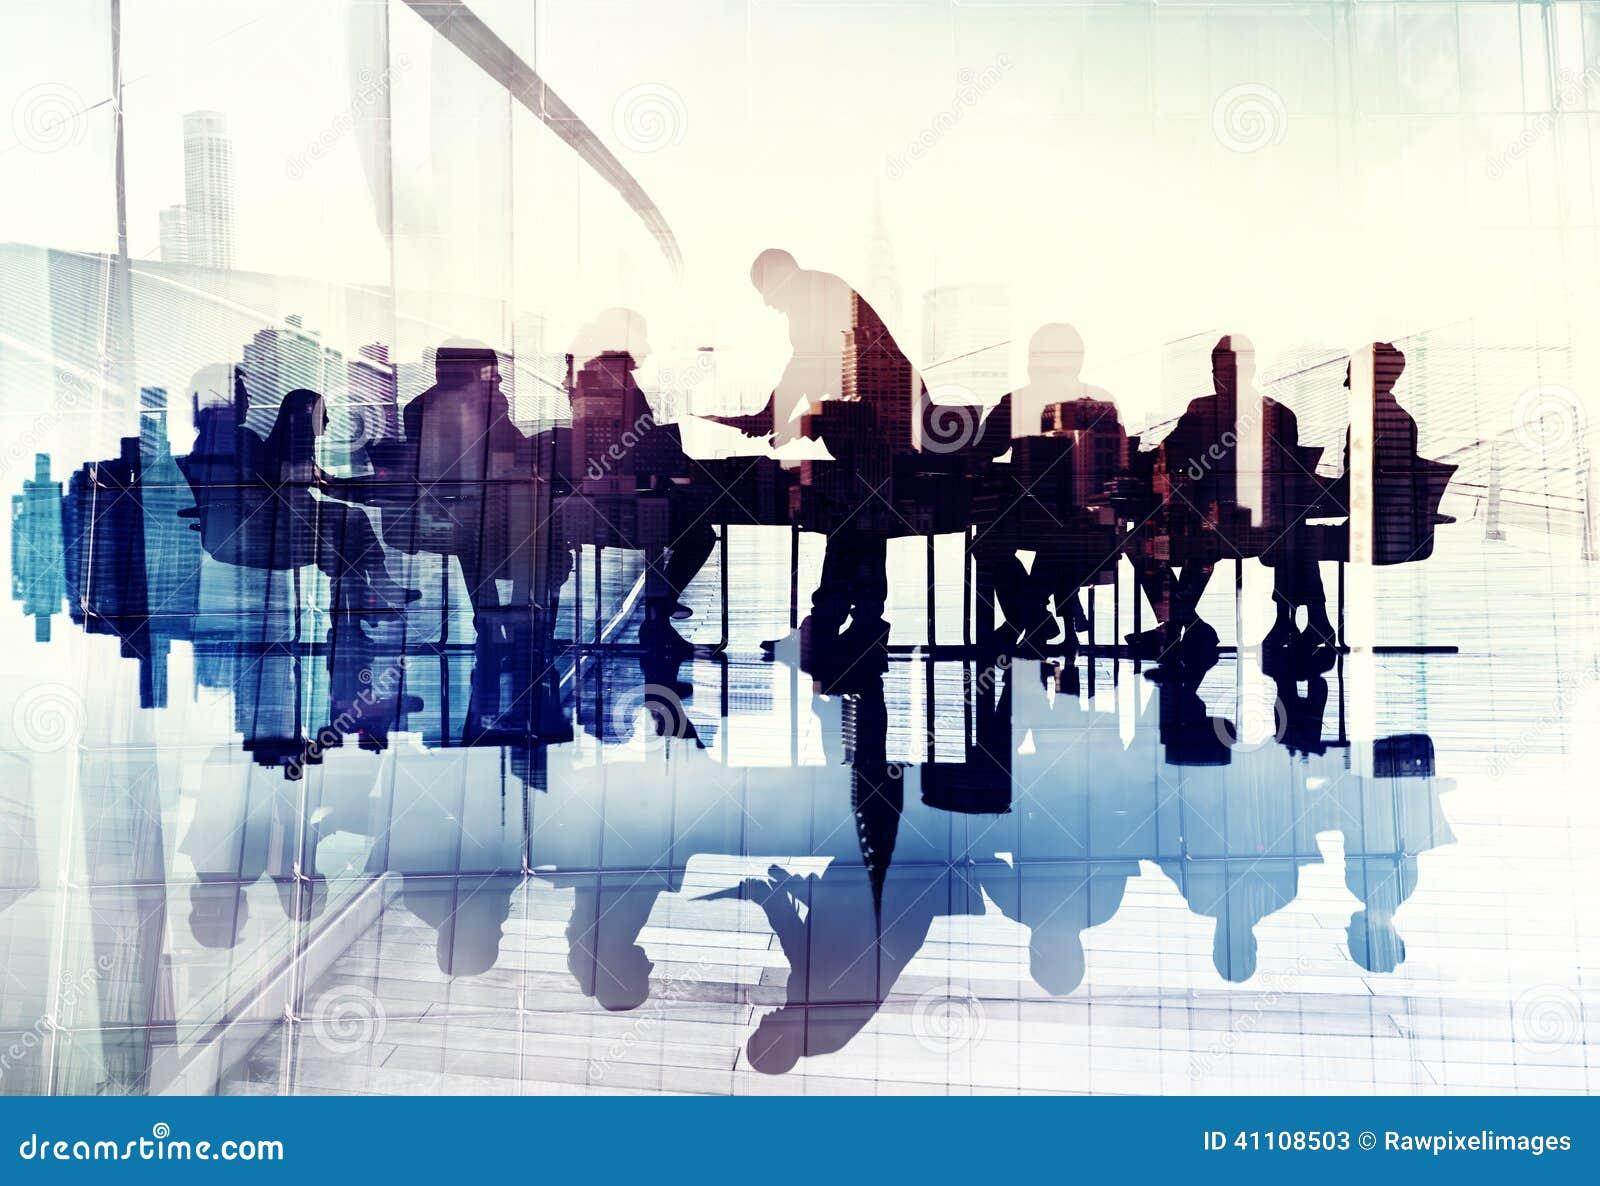 Imagen abstracta de los hombres de negocios de las siluetas en una reunión